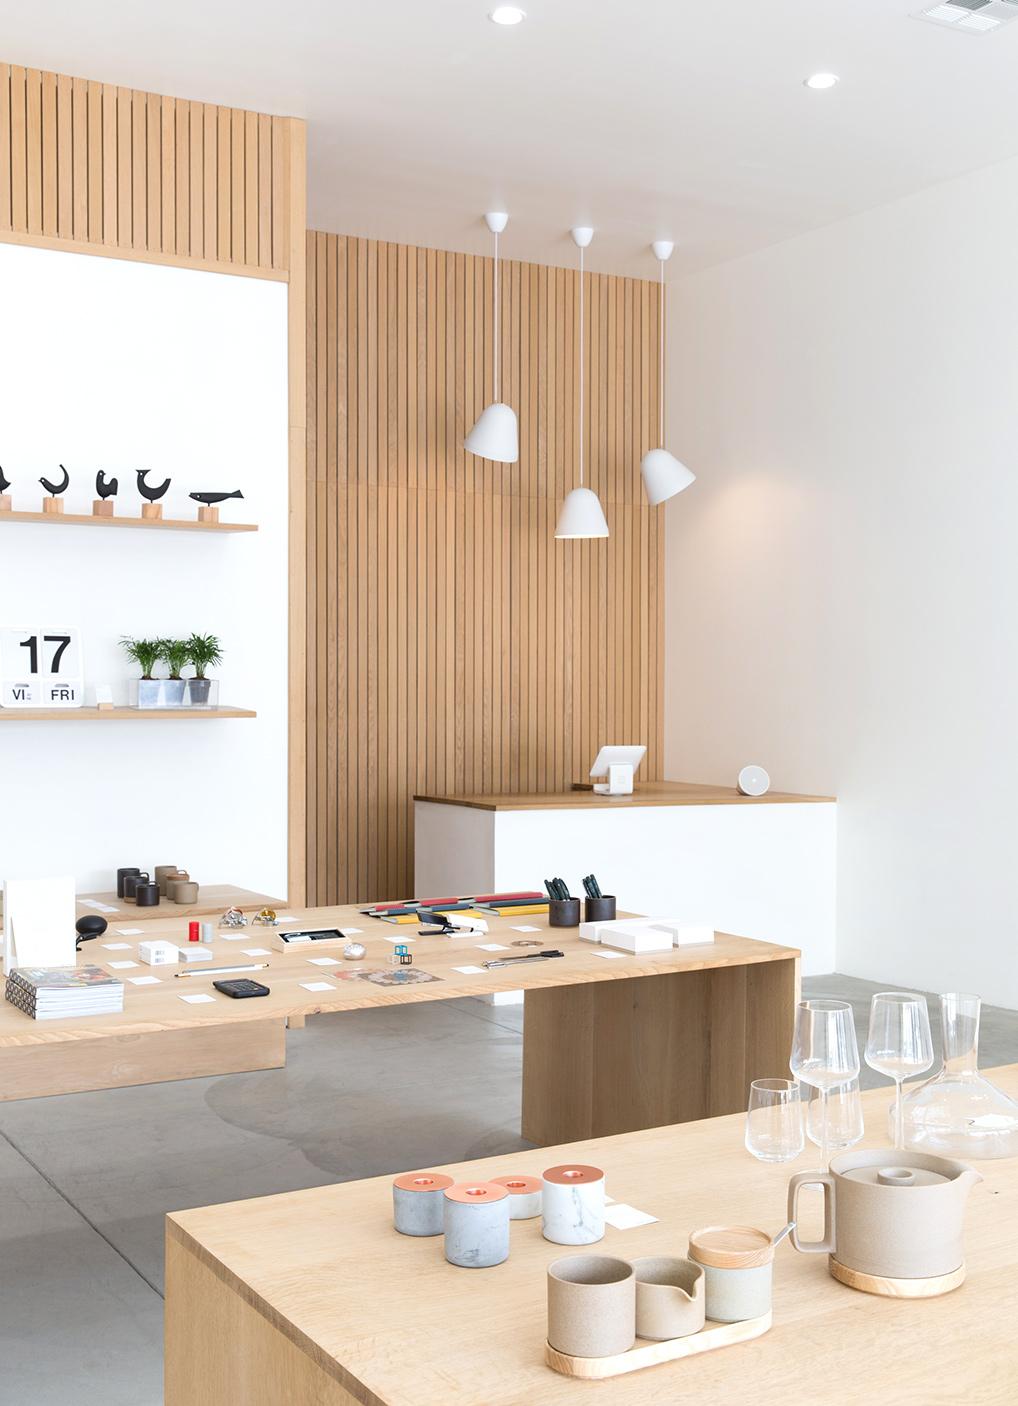 los angeles cereal. Black Bedroom Furniture Sets. Home Design Ideas